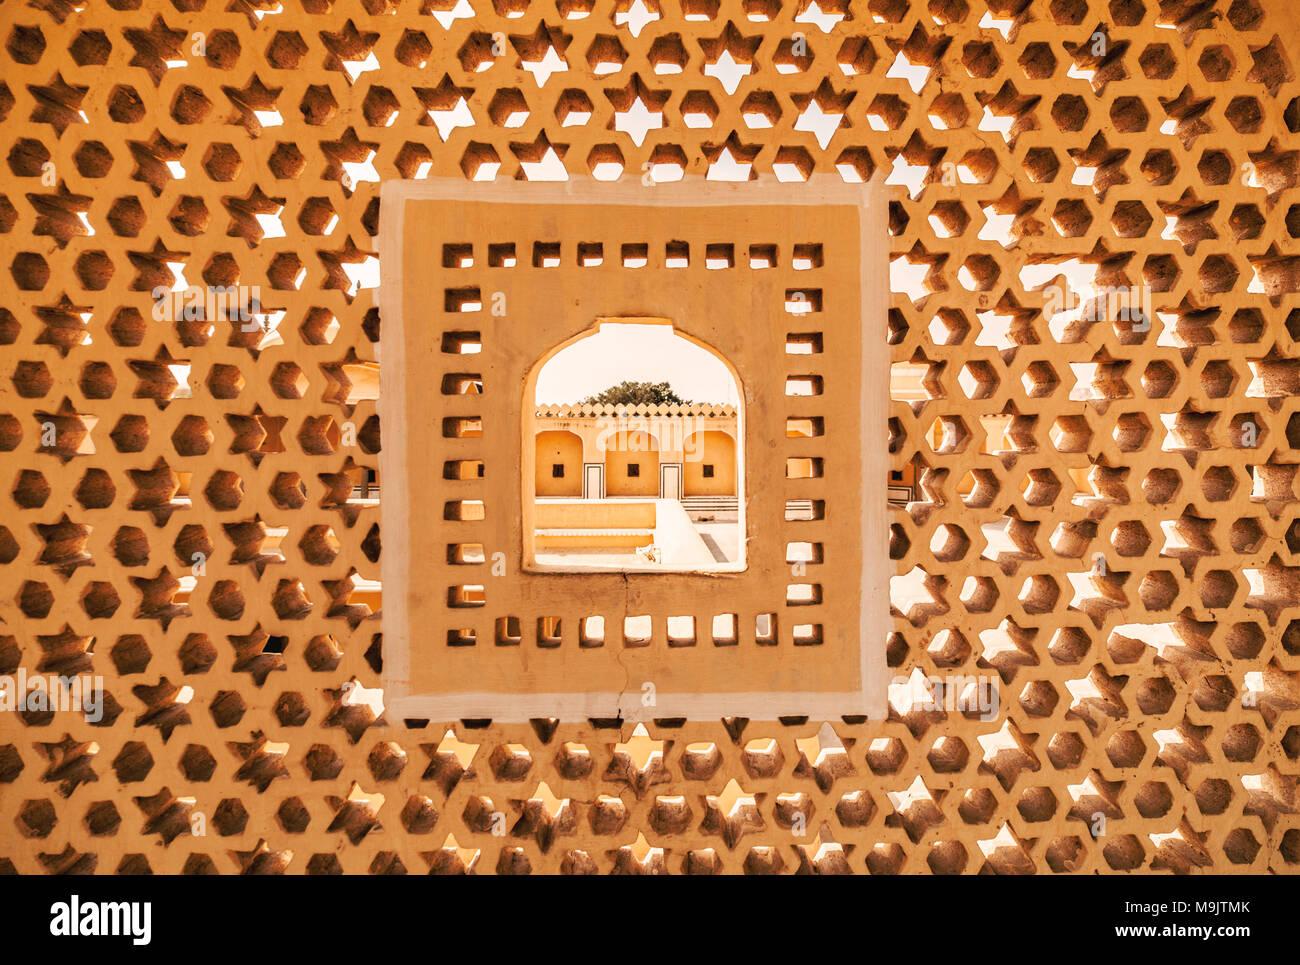 Indian Details Stockfotos & Indian Details Bilder - Seite 12 - Alamy